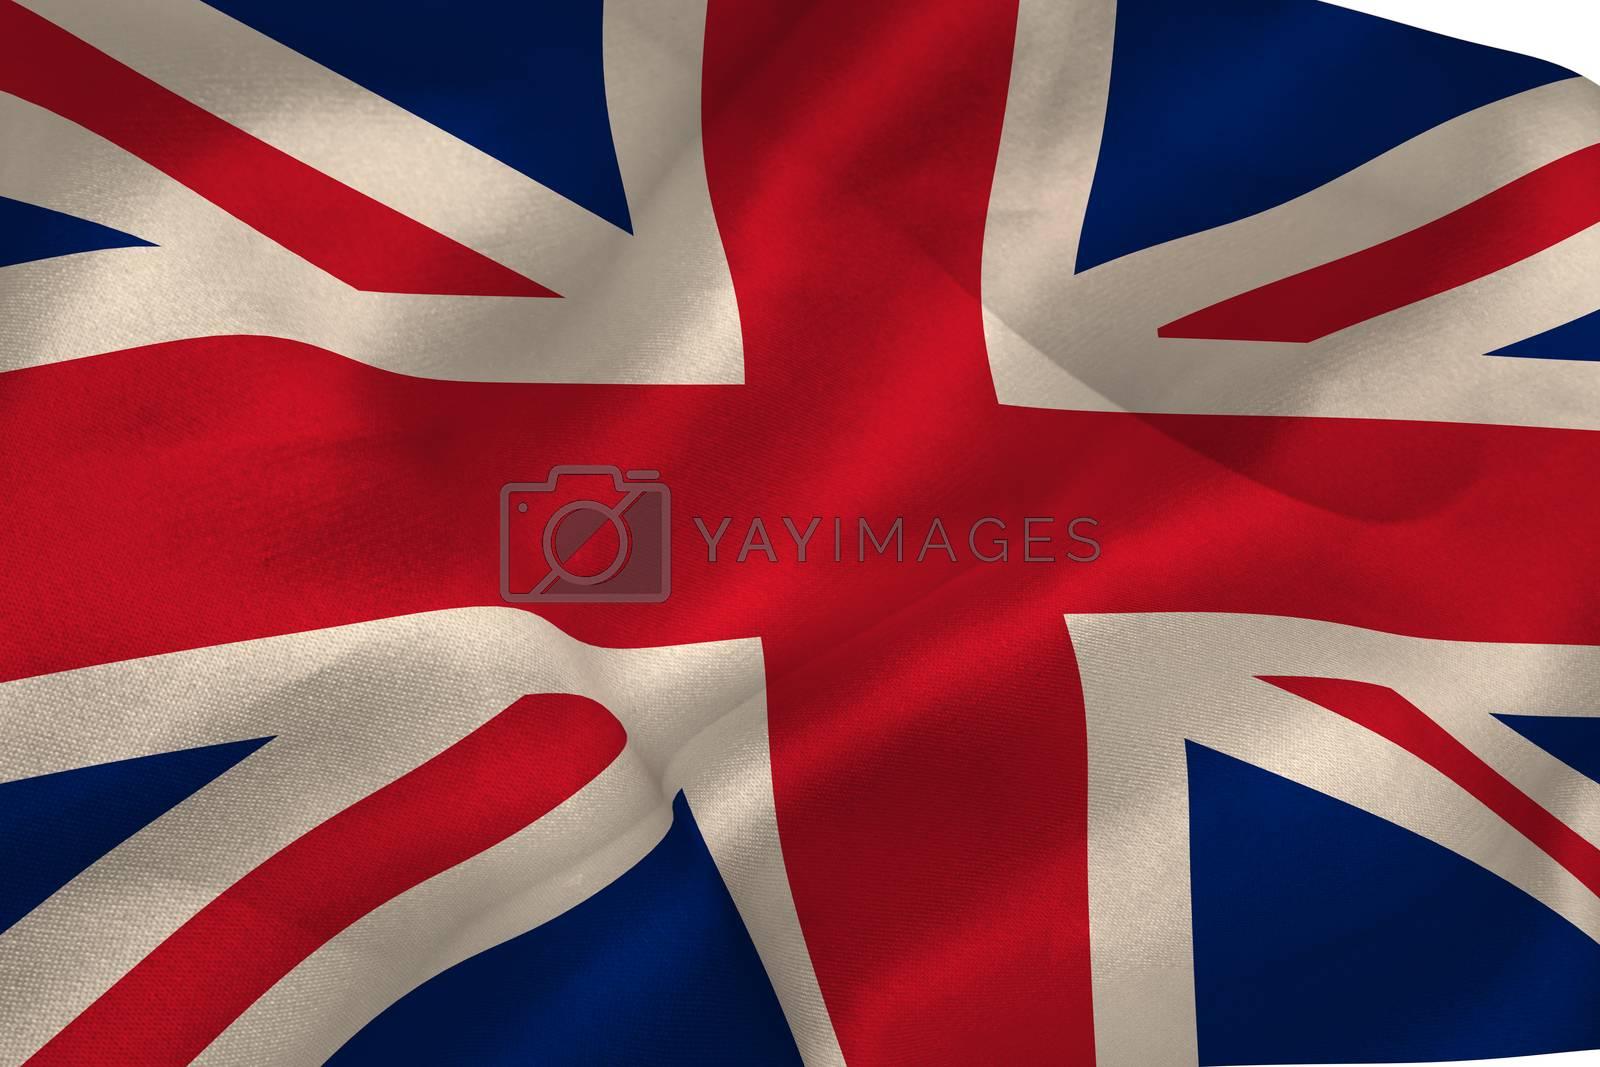 Union jack flag waving